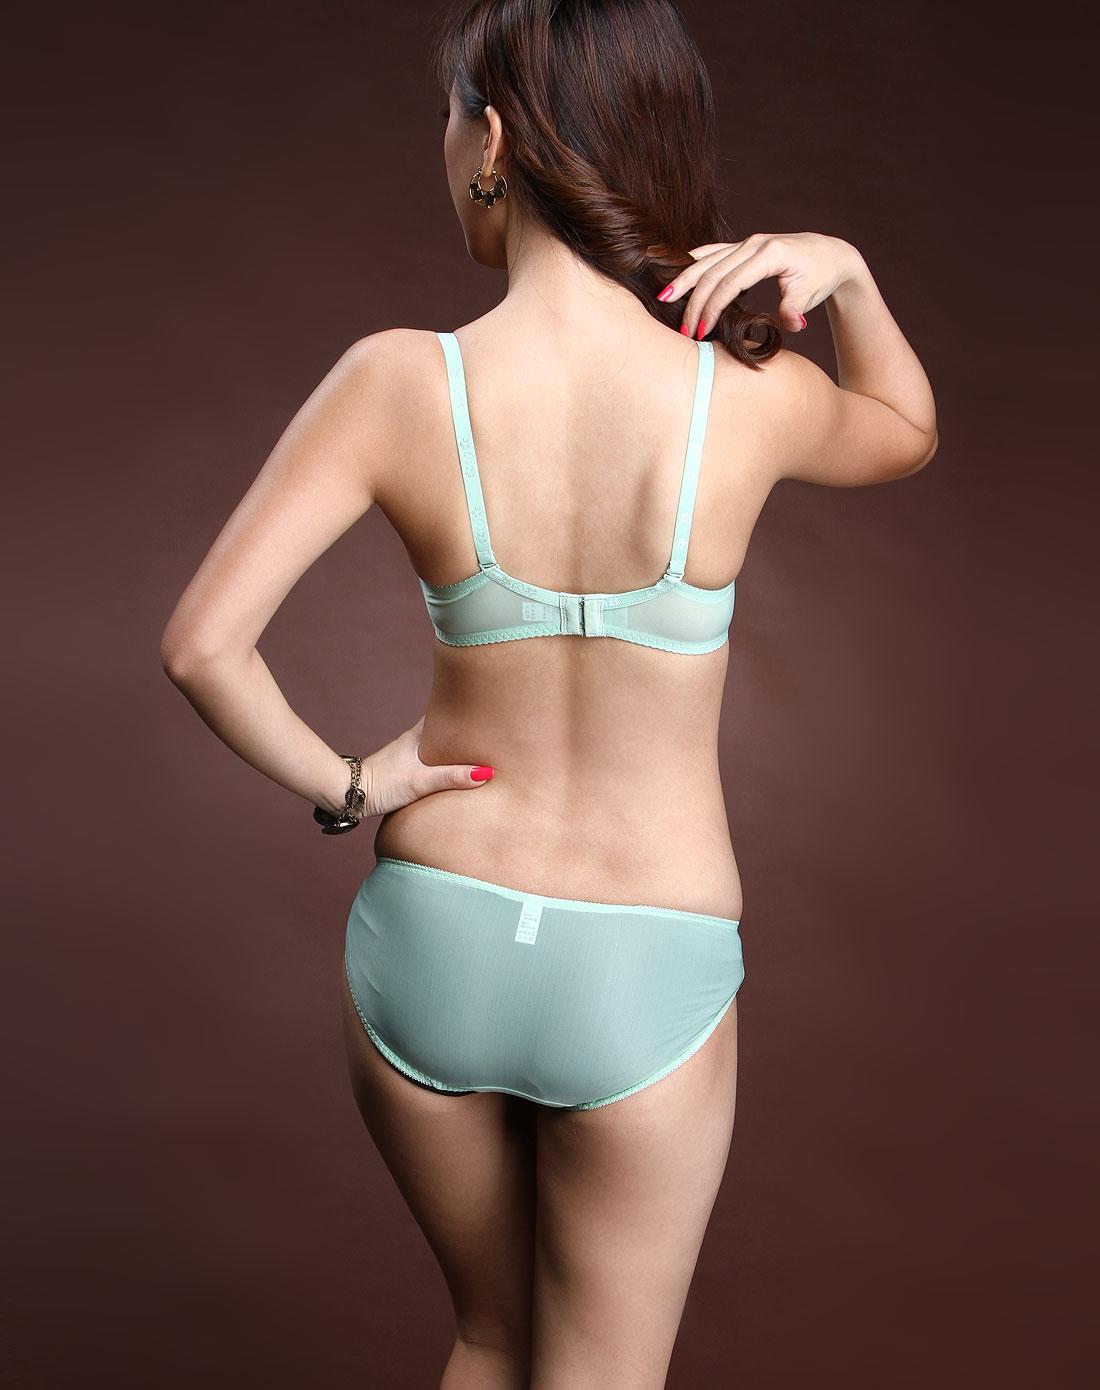 绿/粉红色绣花文胸内裤套装